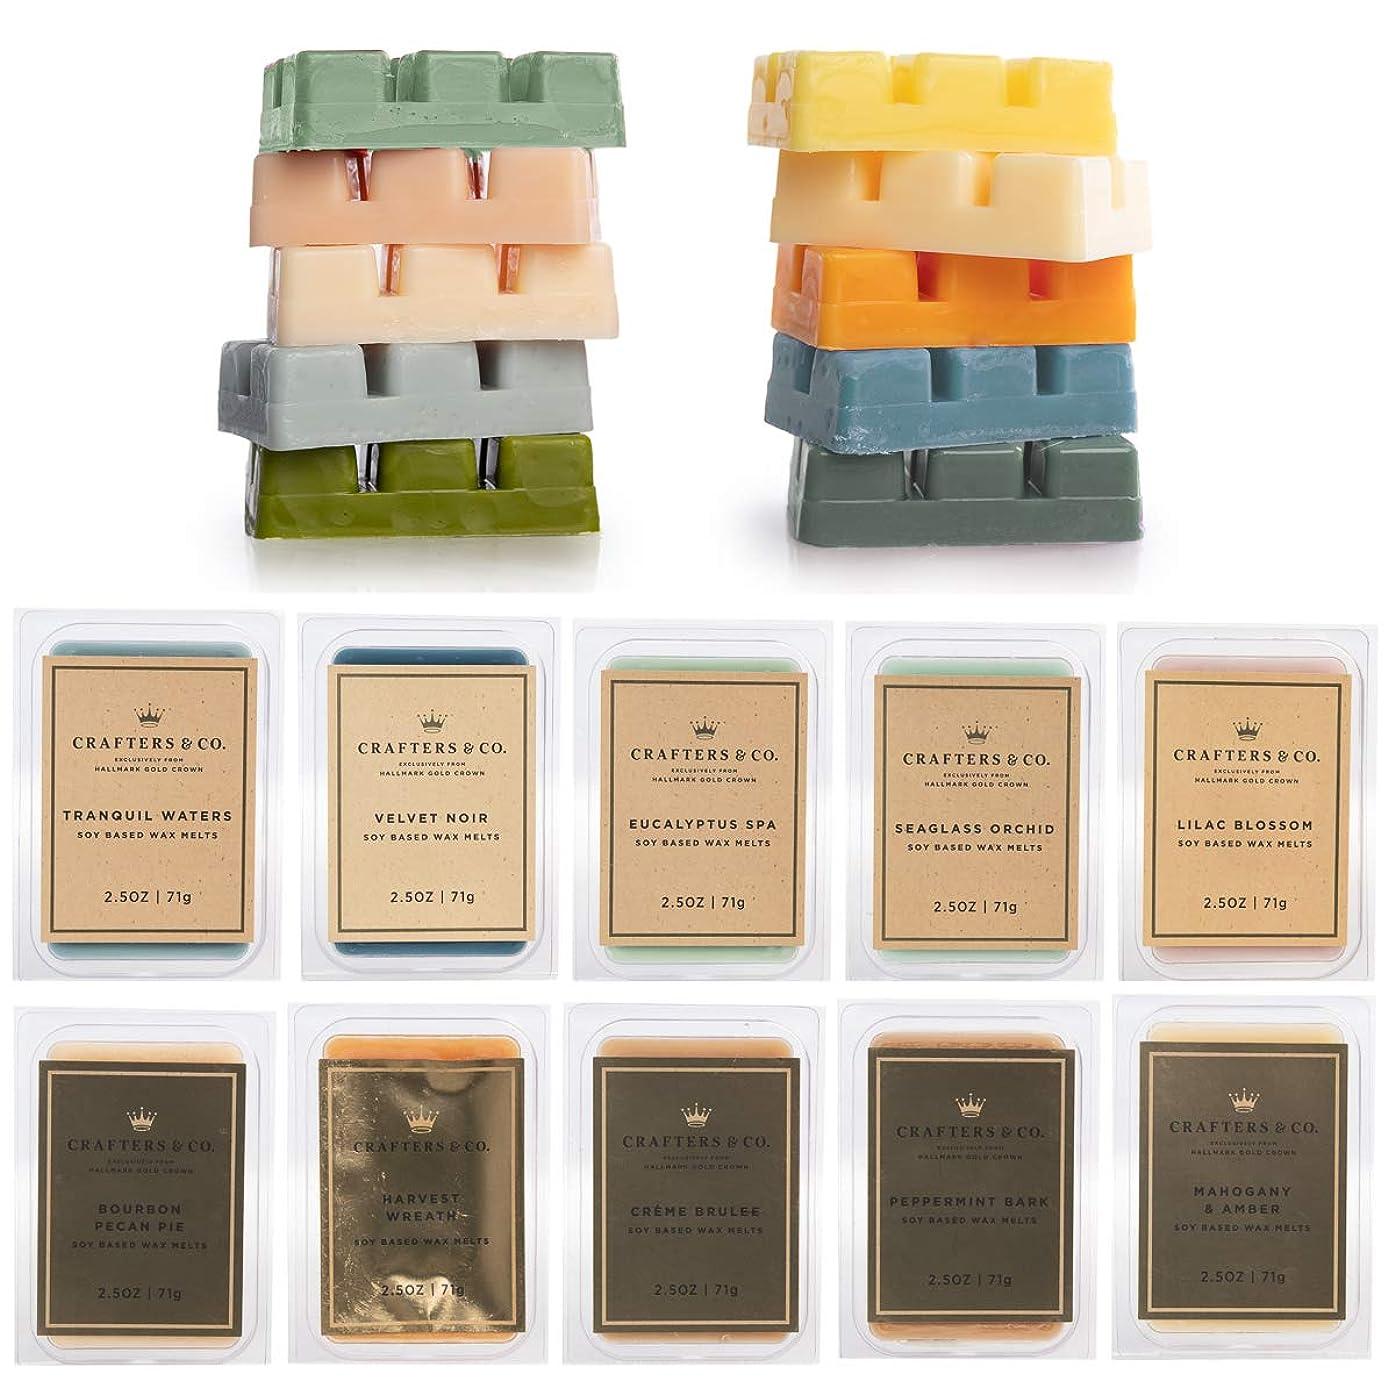 ツーリスト農学製品Crafters & Co (10点セットフレグラント2.5オンスキャンドルウォーマーワックスメルト ソイワックスウォーマーキューブ 香りエアフレッシュナー